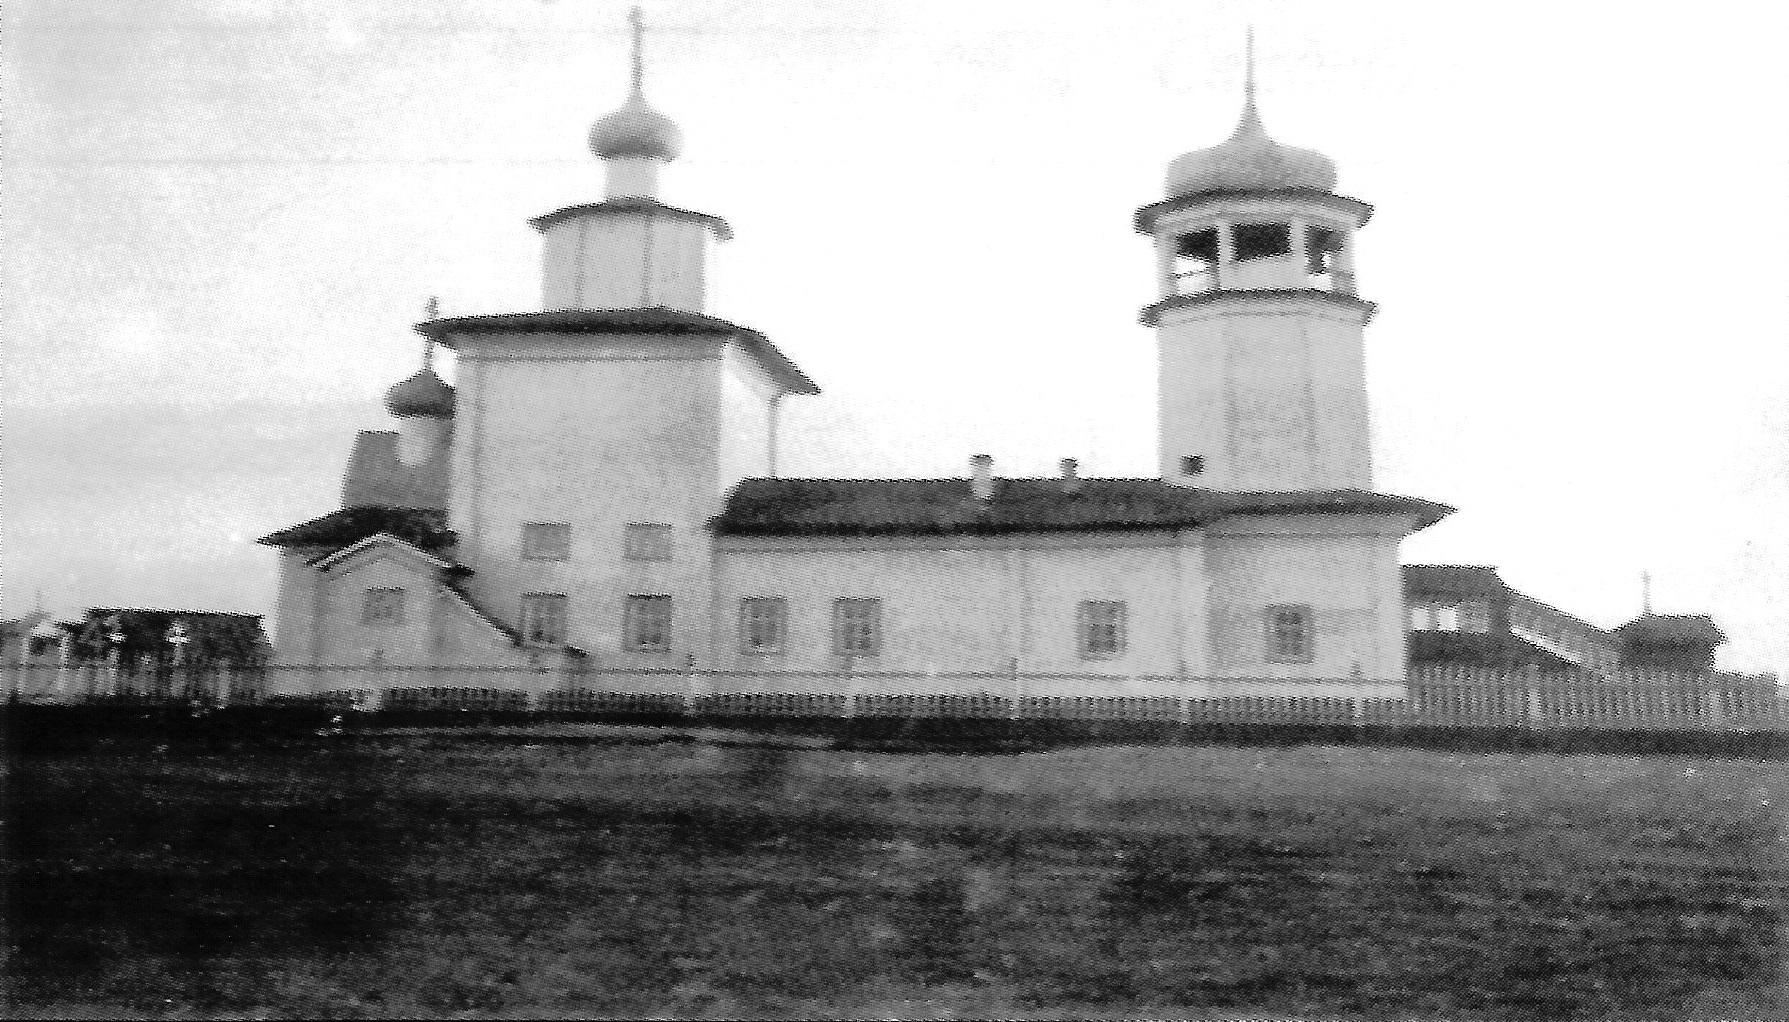 Церковь Спаса Нерукотворного образа в Кузнецовой (Малой) слободе